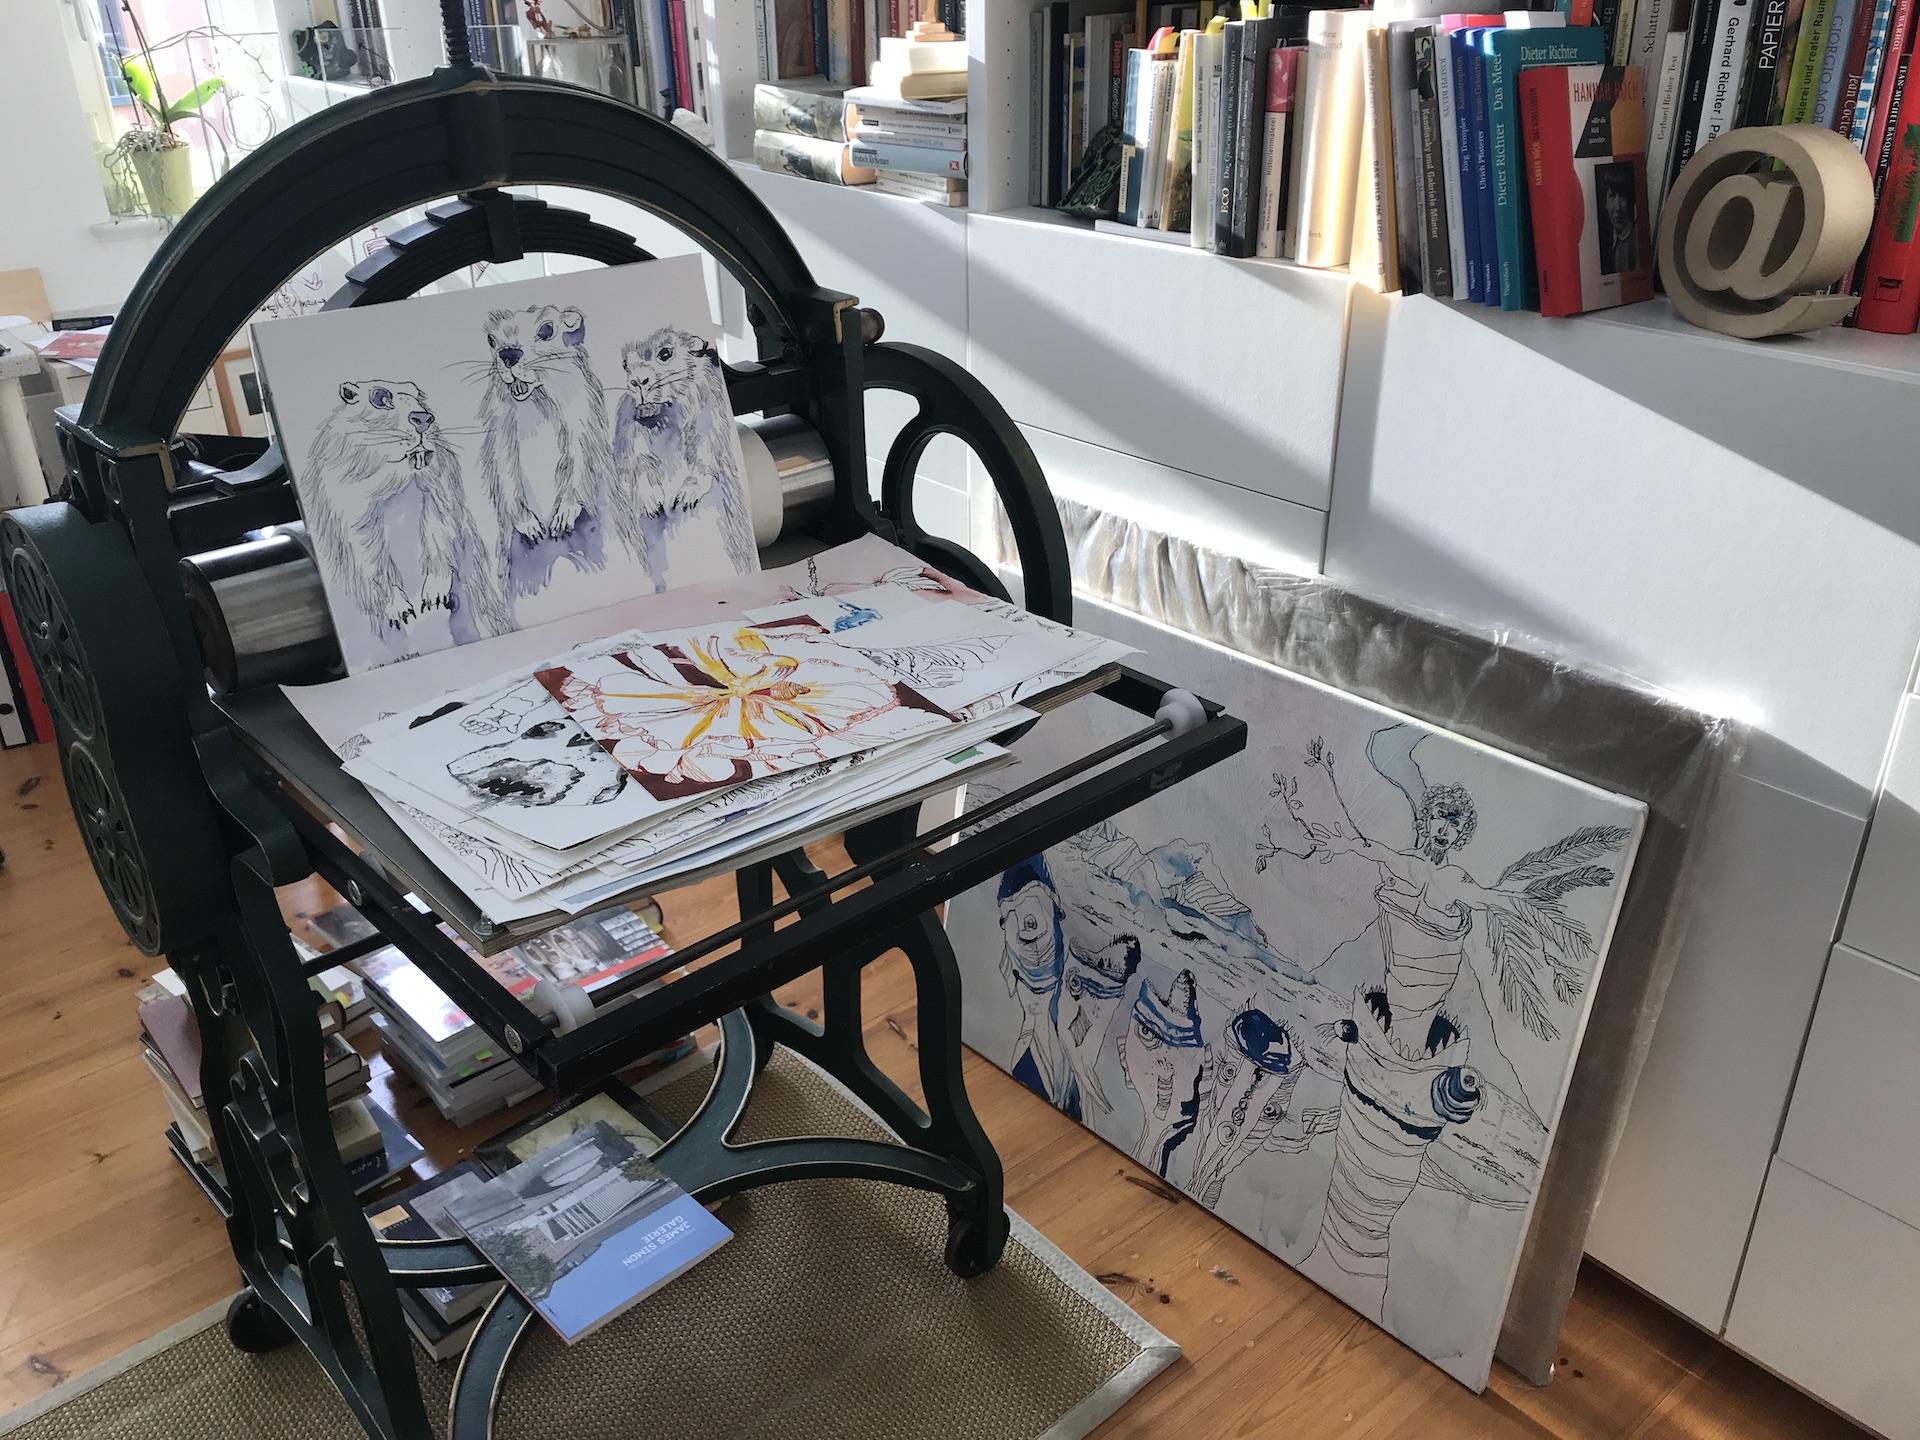 Alltag im Atelier Susanne Haun - Zeichnungen sortieren (c) VG Bild-Kunst, Bonn 2019